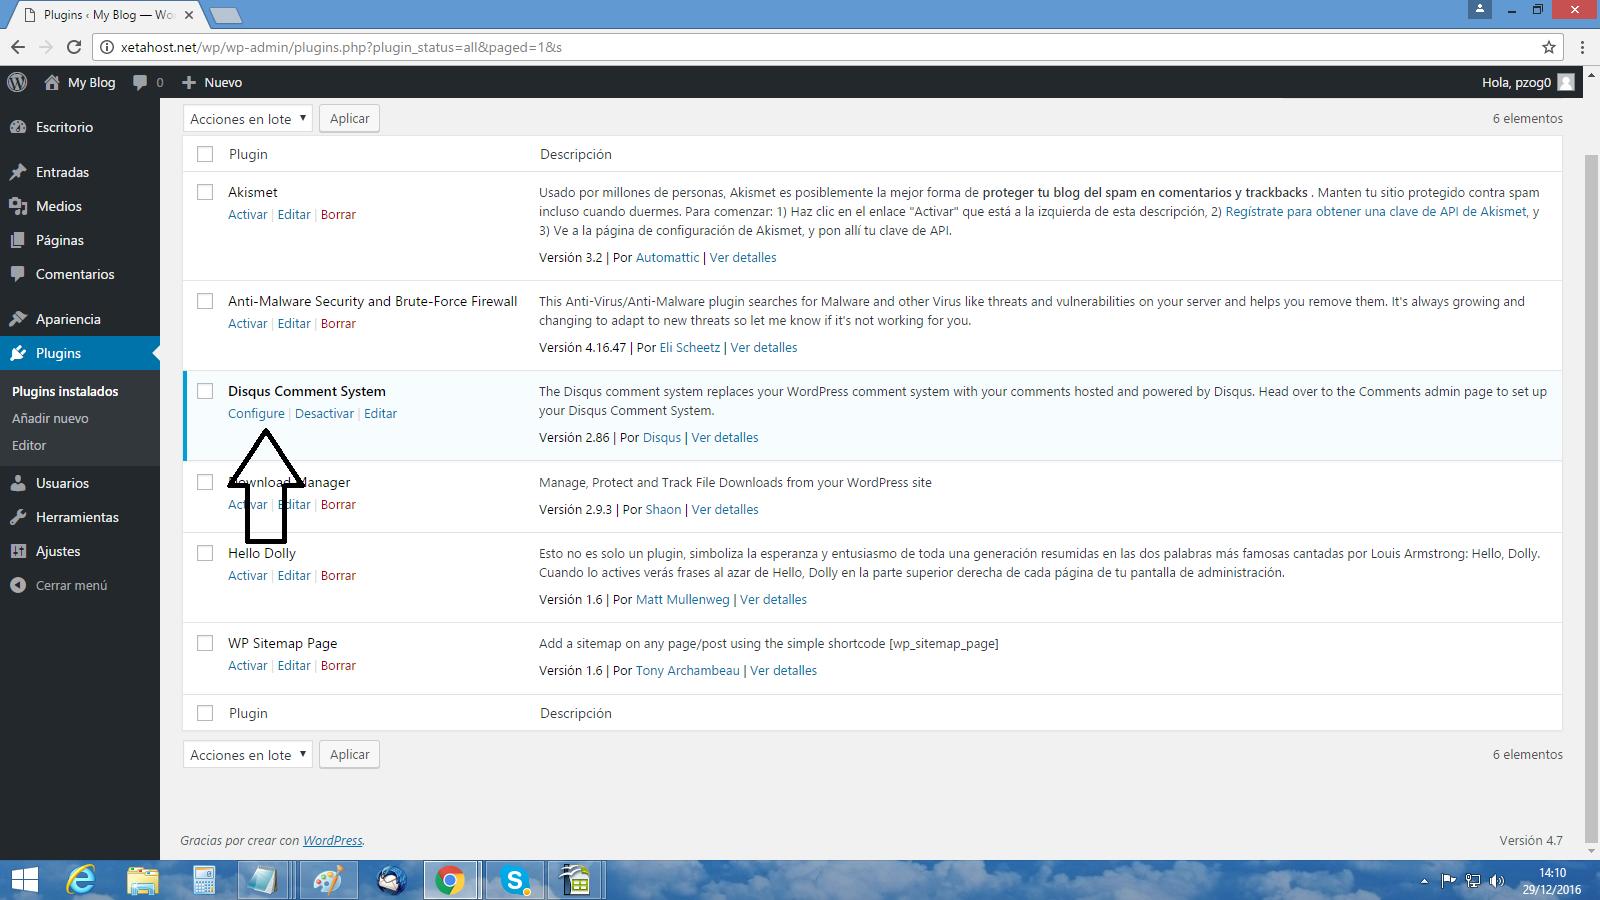 Cómo instalo Disqus en WordPress 1